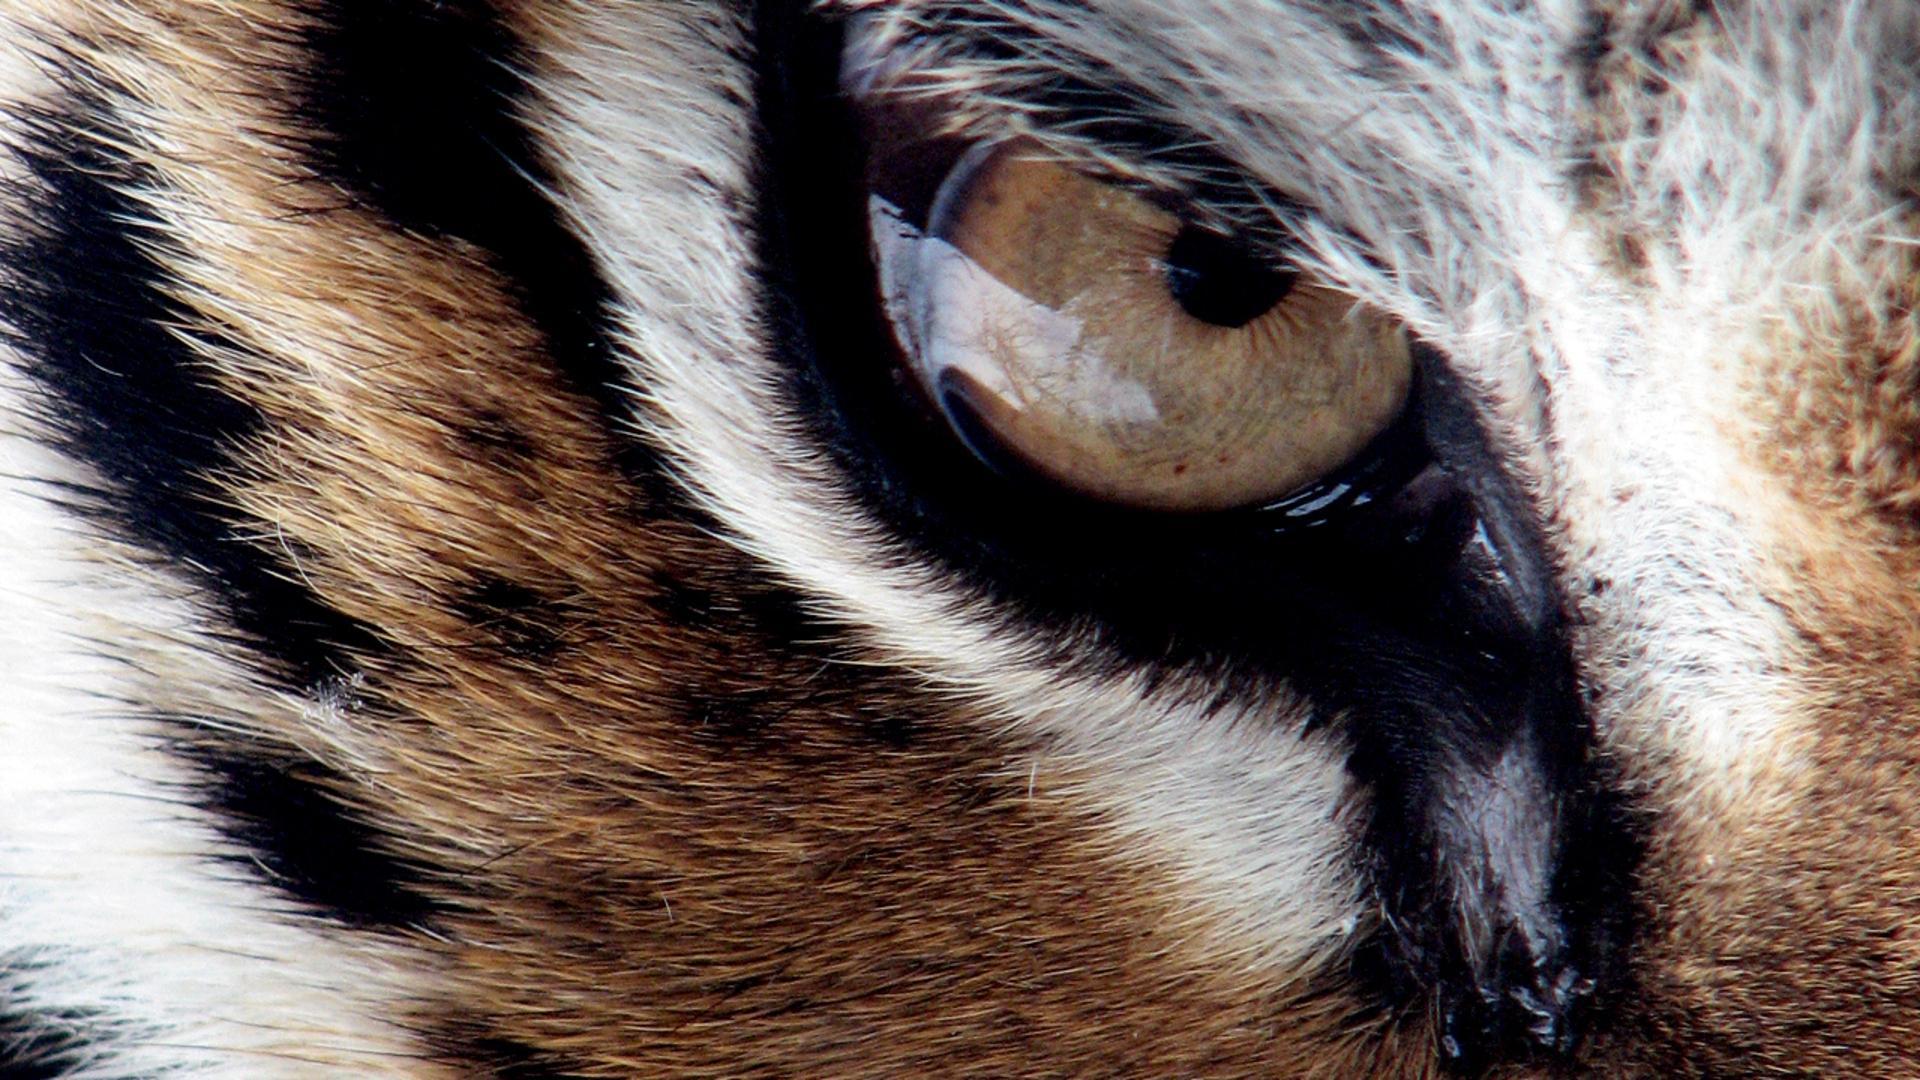 angry tiger eyes wallpaper - photo #34